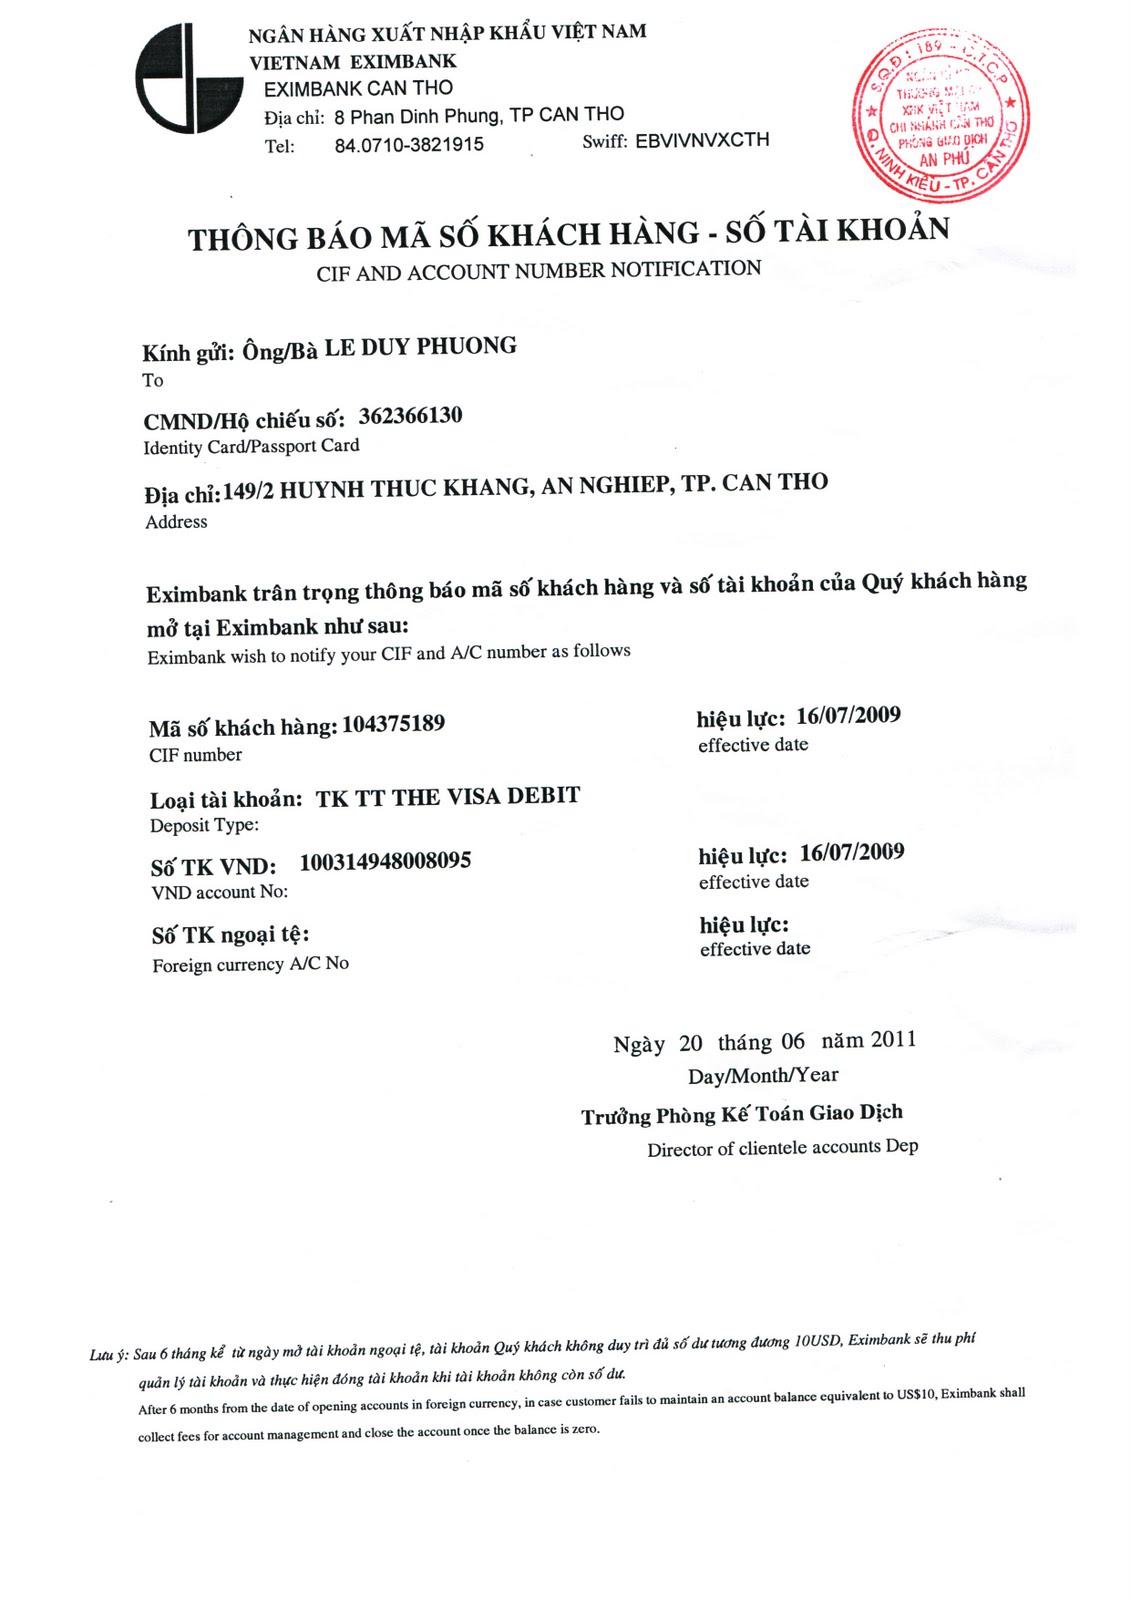 HƯỚNG DẪN ĐĂNG KÍ TÀI KHOẢN GIAO DỊCH VÀNG-FOREX TẠI SÀN GAIN CAPITAL-FOREX.COM UK ( ANH QUỐC)